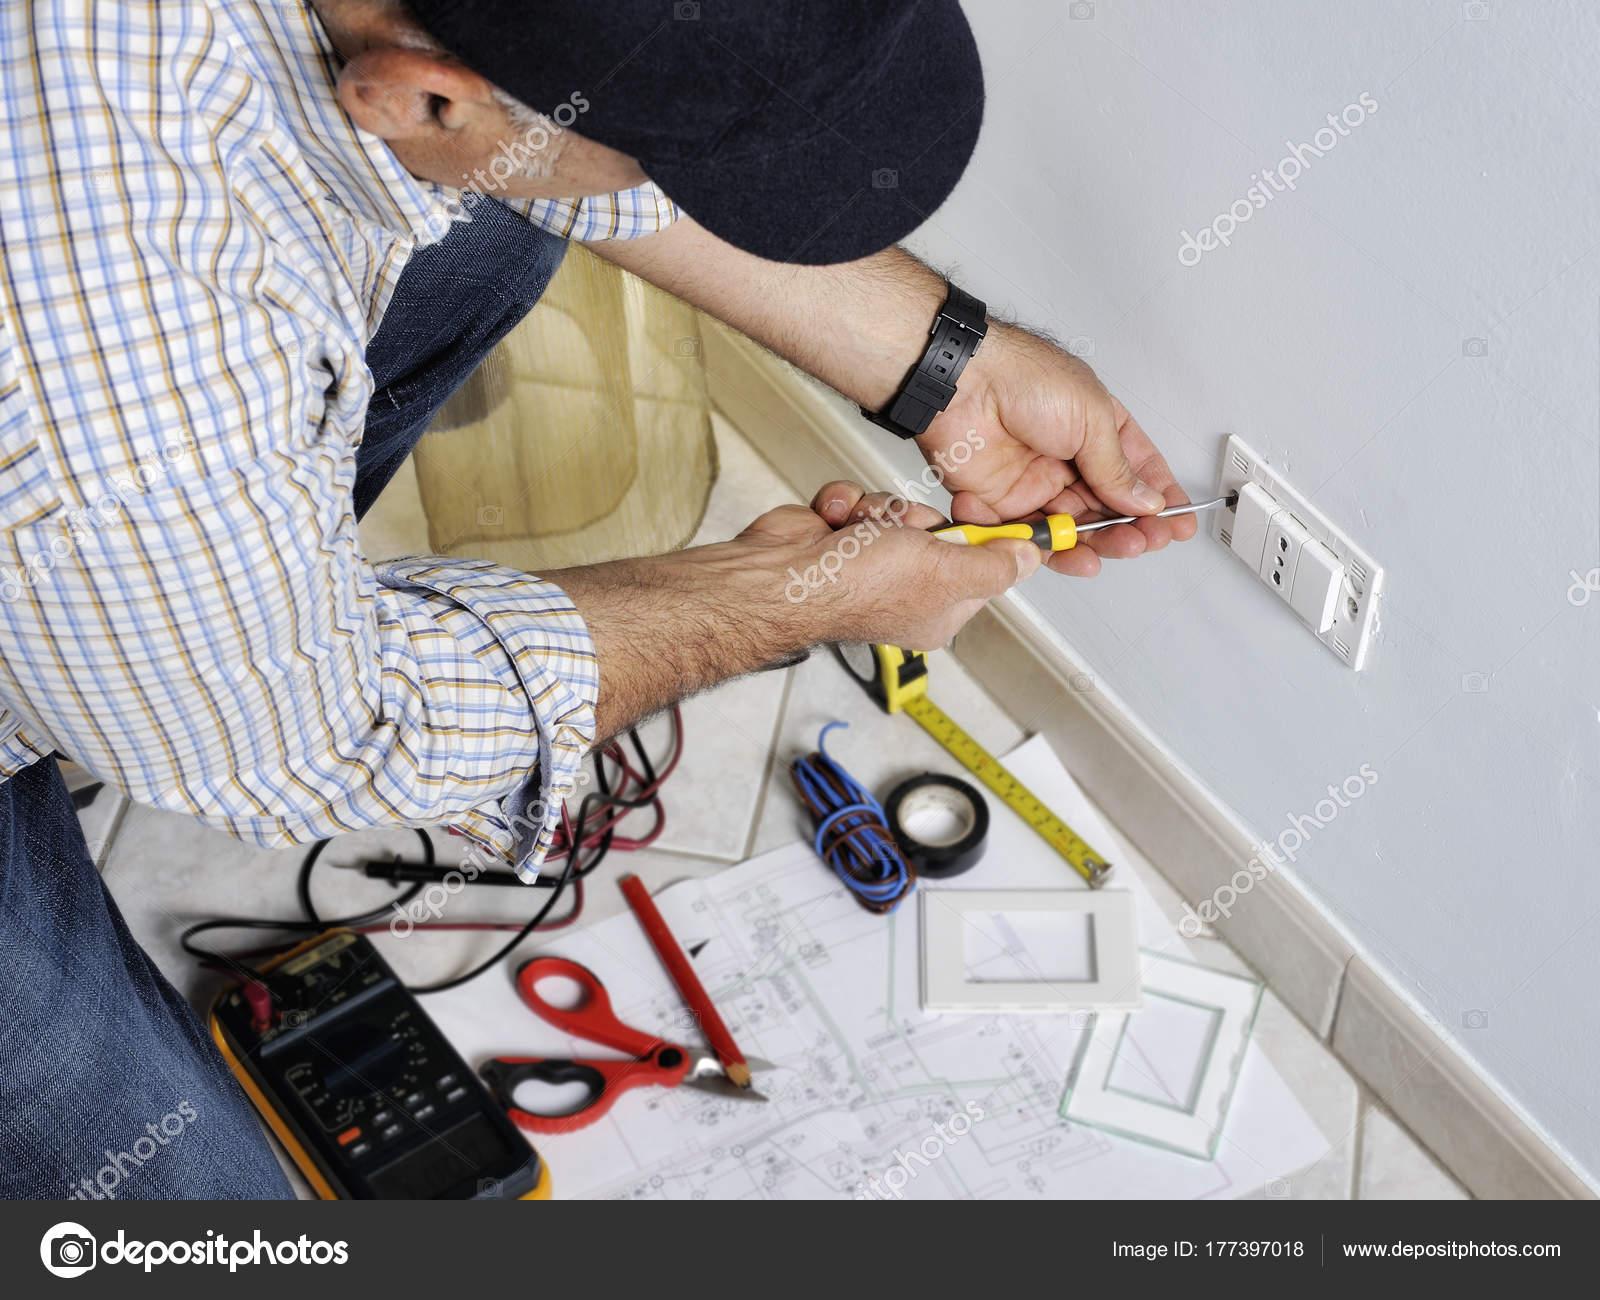 Tolle Elektrische Wohnsysteme Ideen - Schaltplan Serie Circuit ...